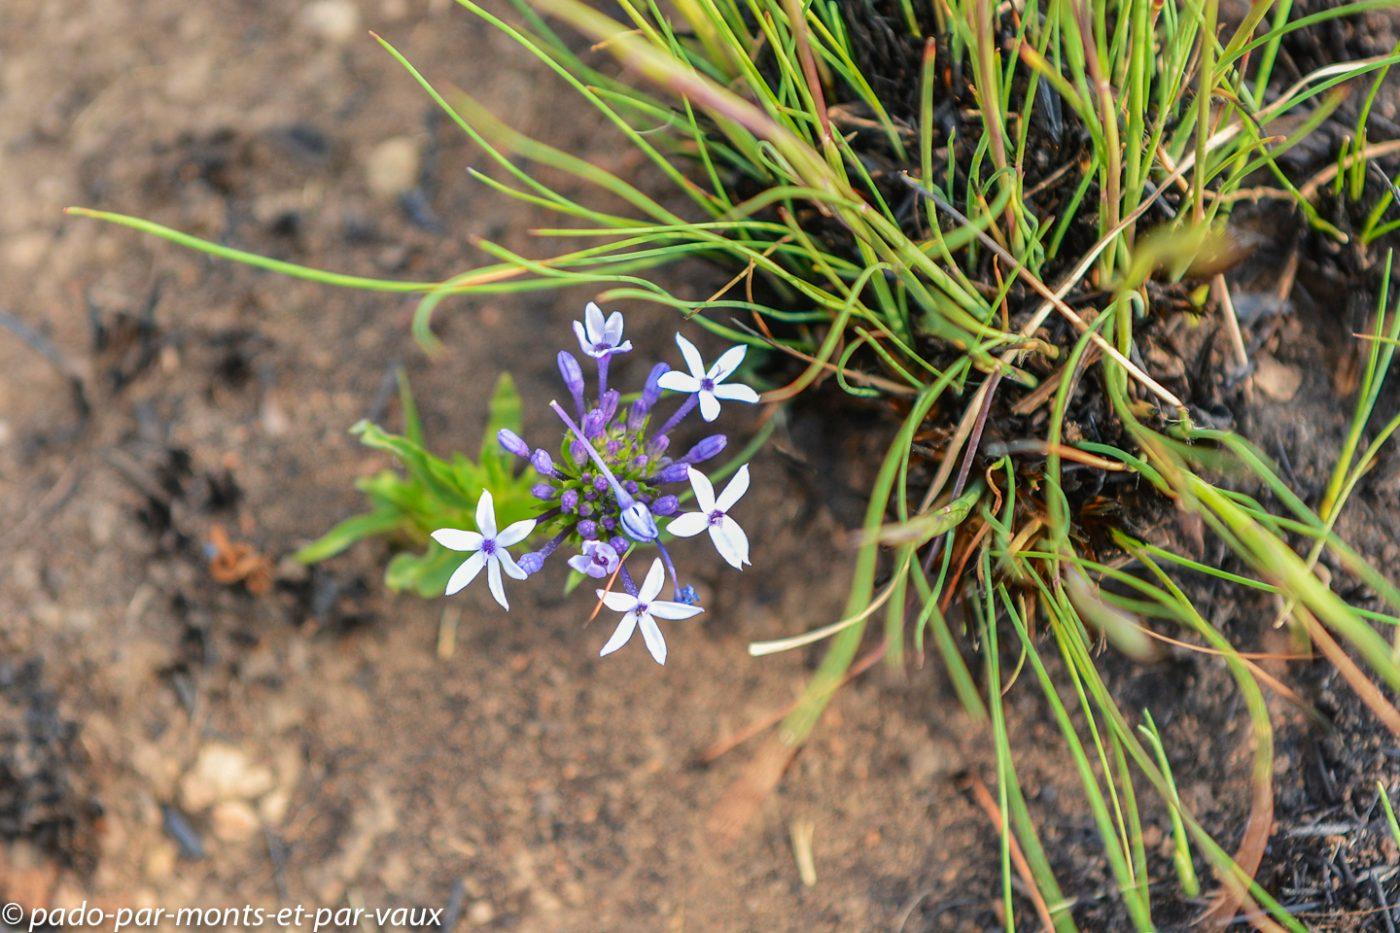 Drakensberg flore